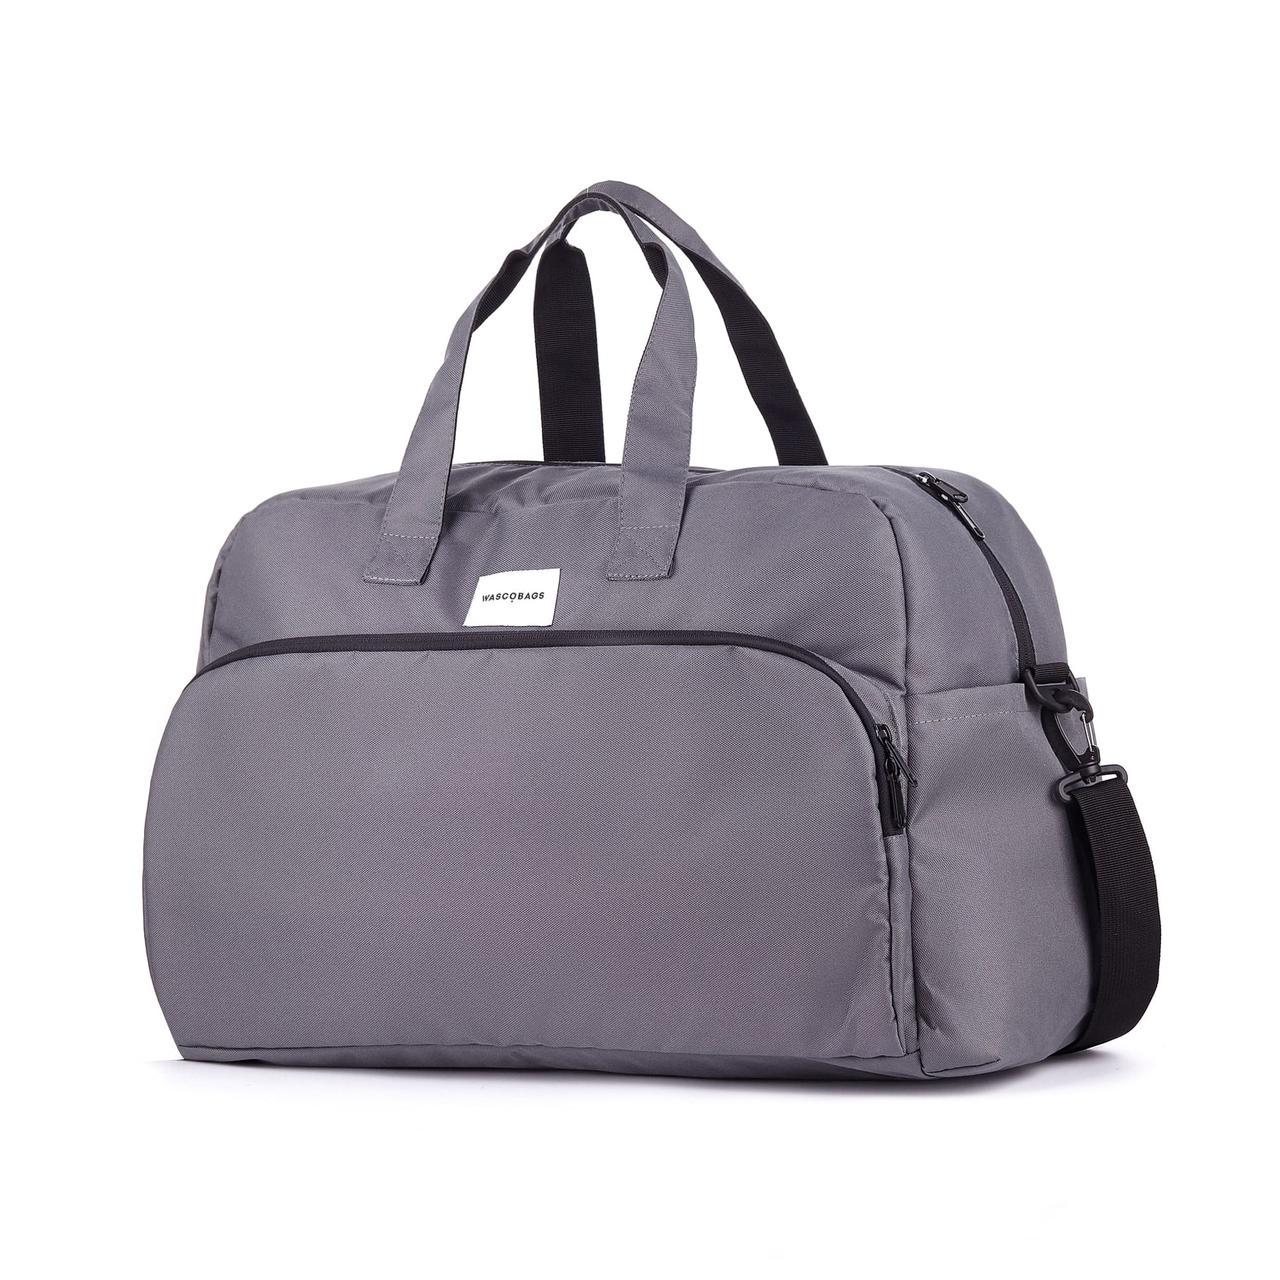 Дорожная сумка Wascobags Milano Серая (33 L)